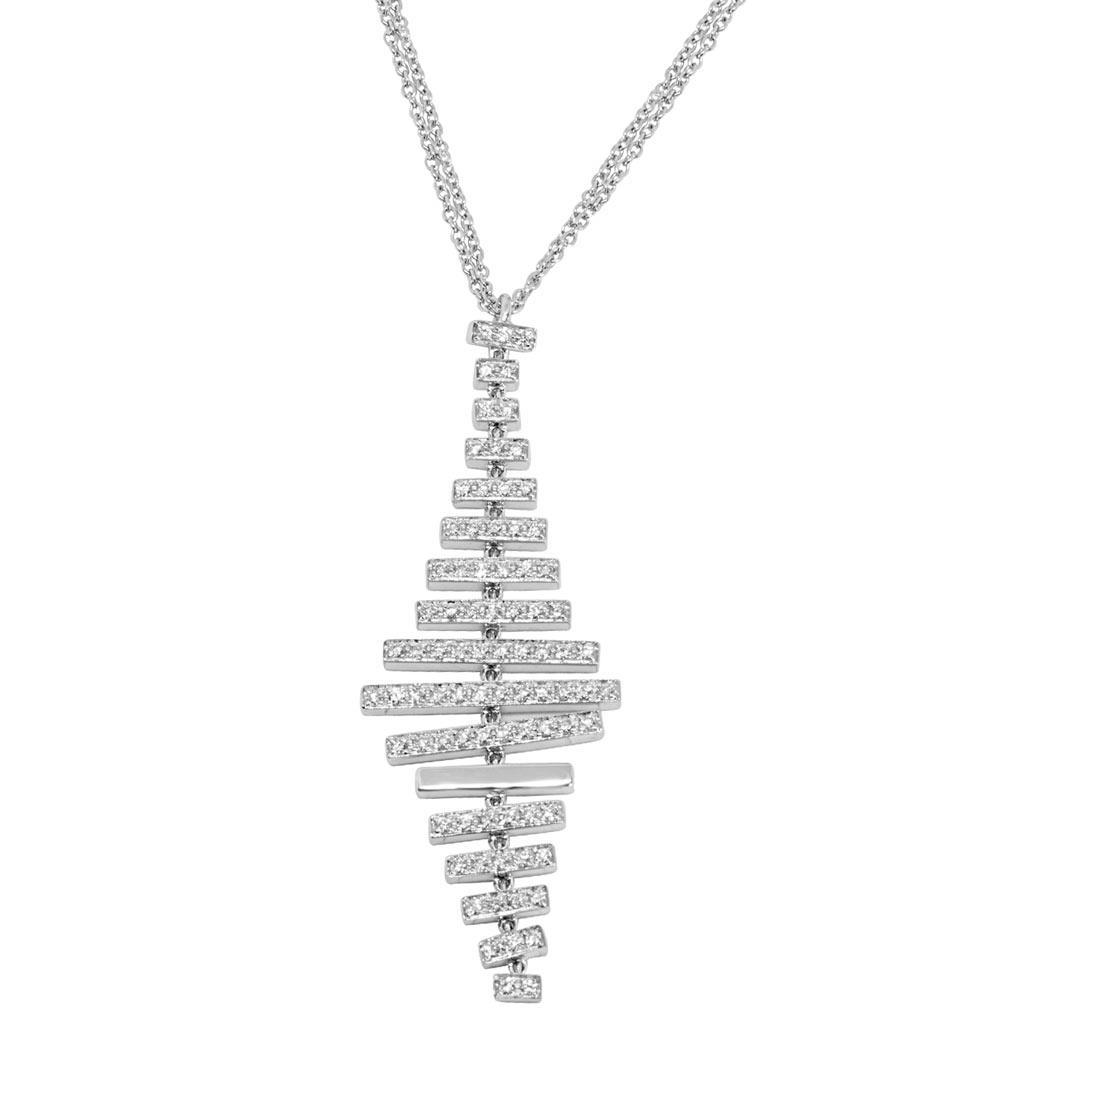 Collana in oro bianco con diamanti - ALFIERI ST JOHN